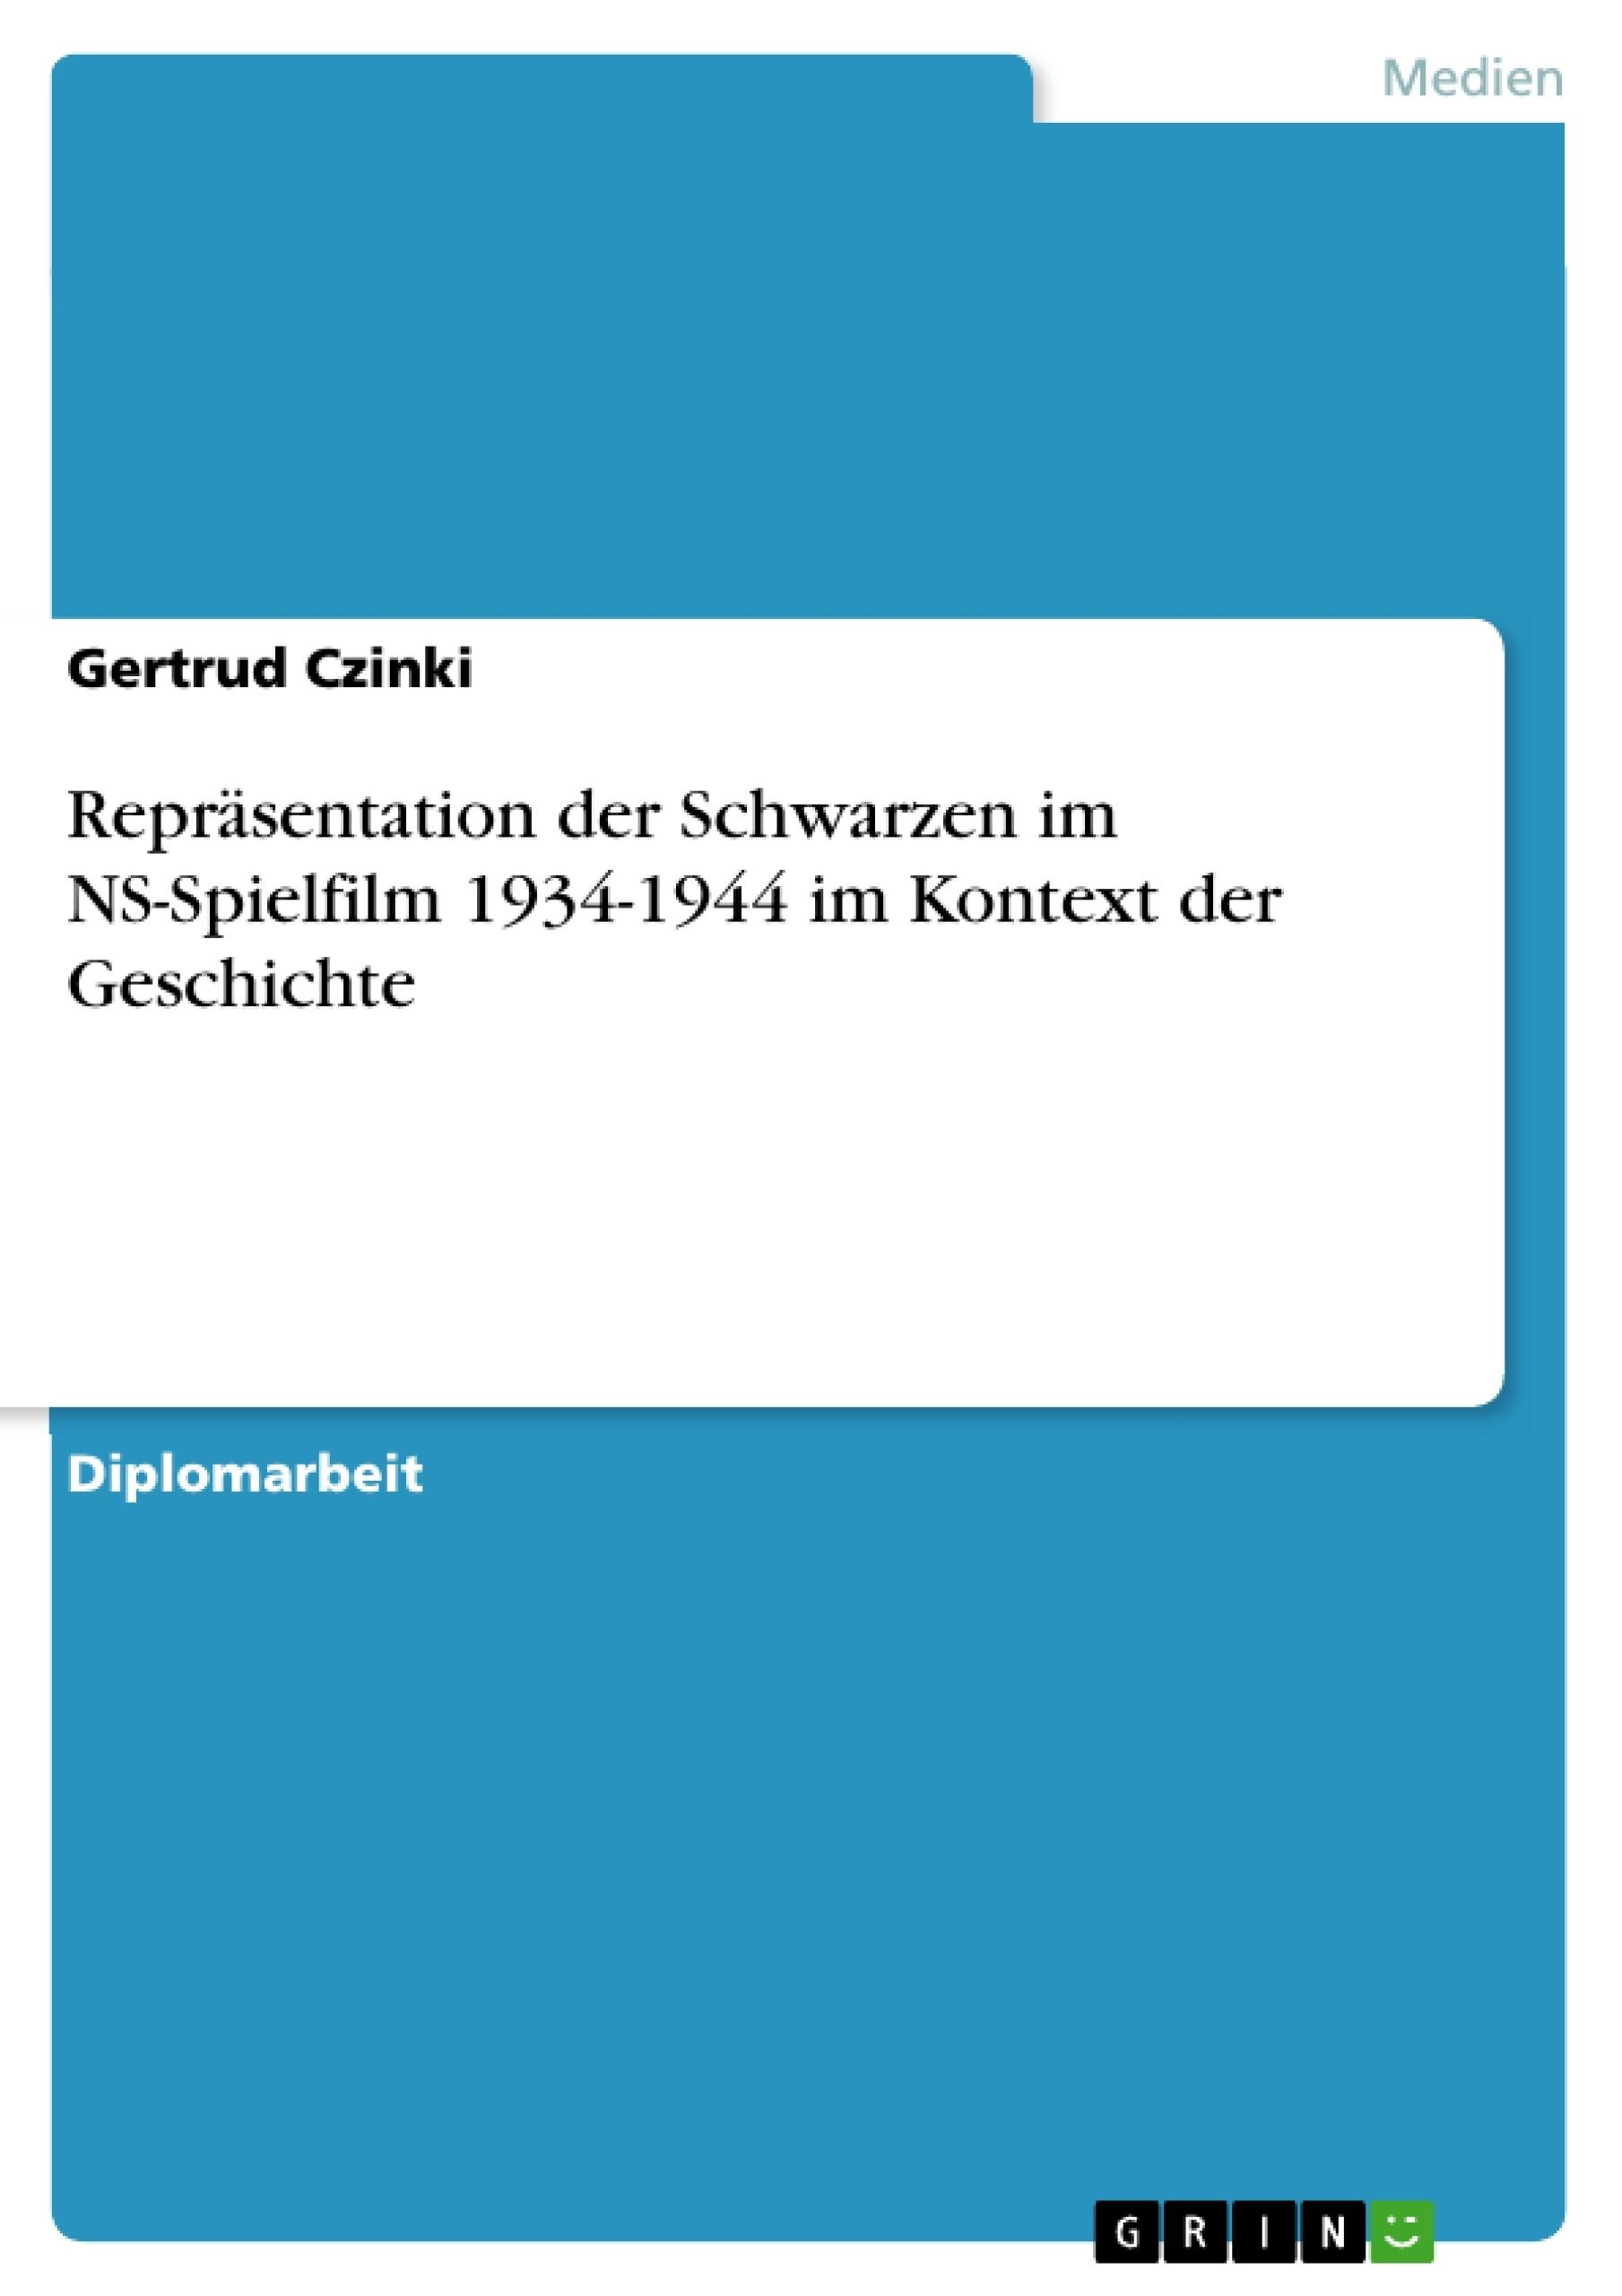 Titel: Repräsentation der Schwarzen im NS-Spielfilm 1934-1944 im Kontext der Geschichte